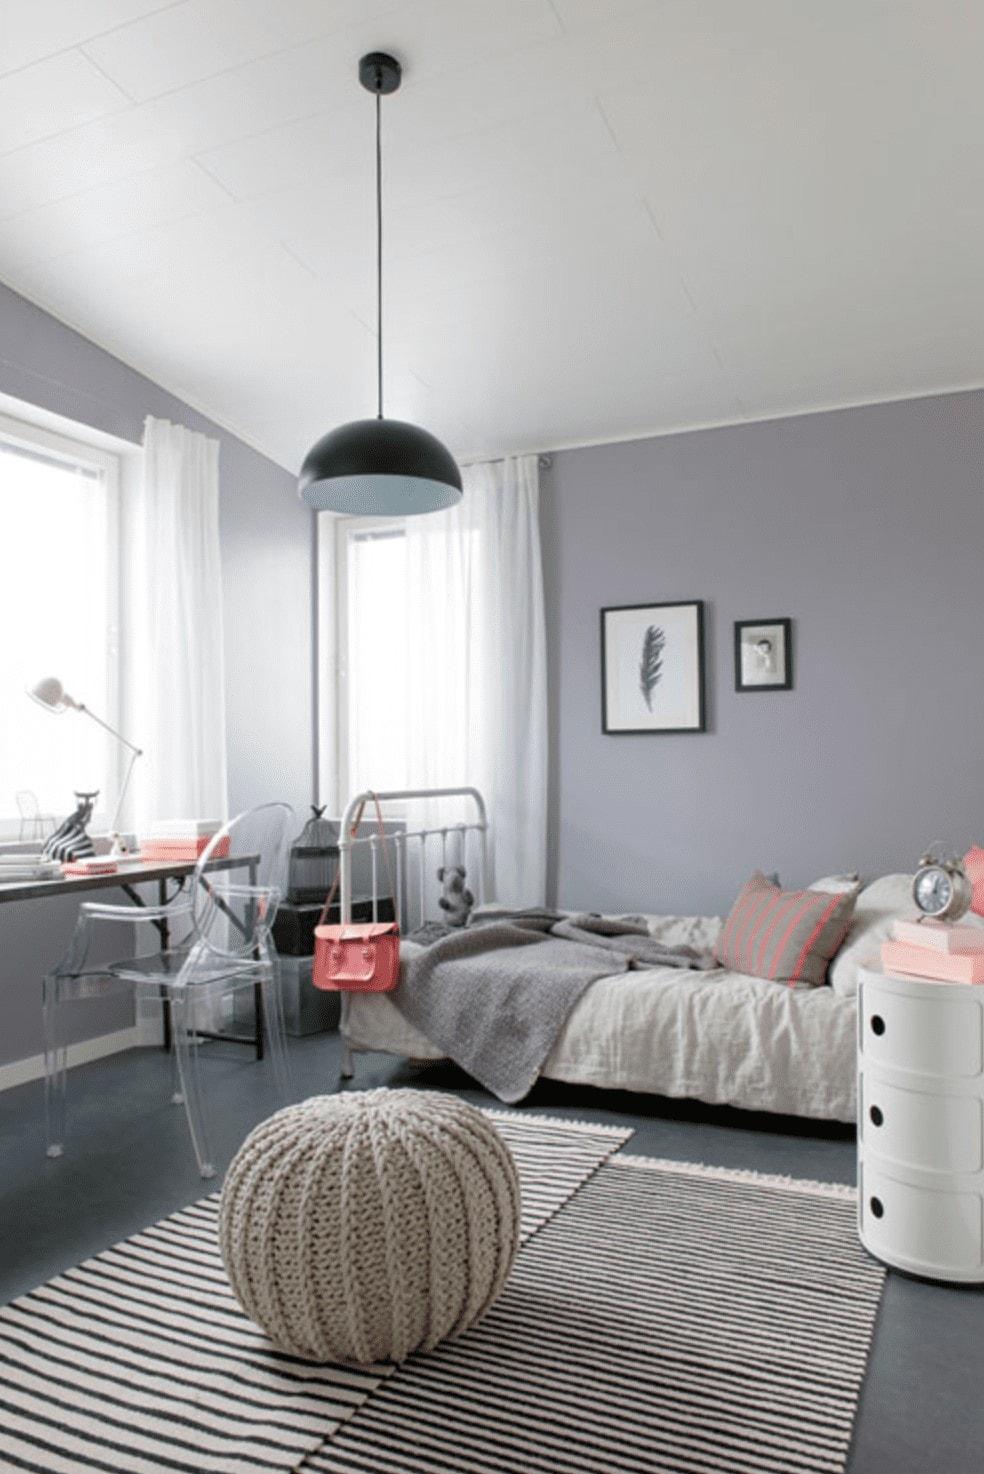 29+ Deco chambre moderne ado inspirations